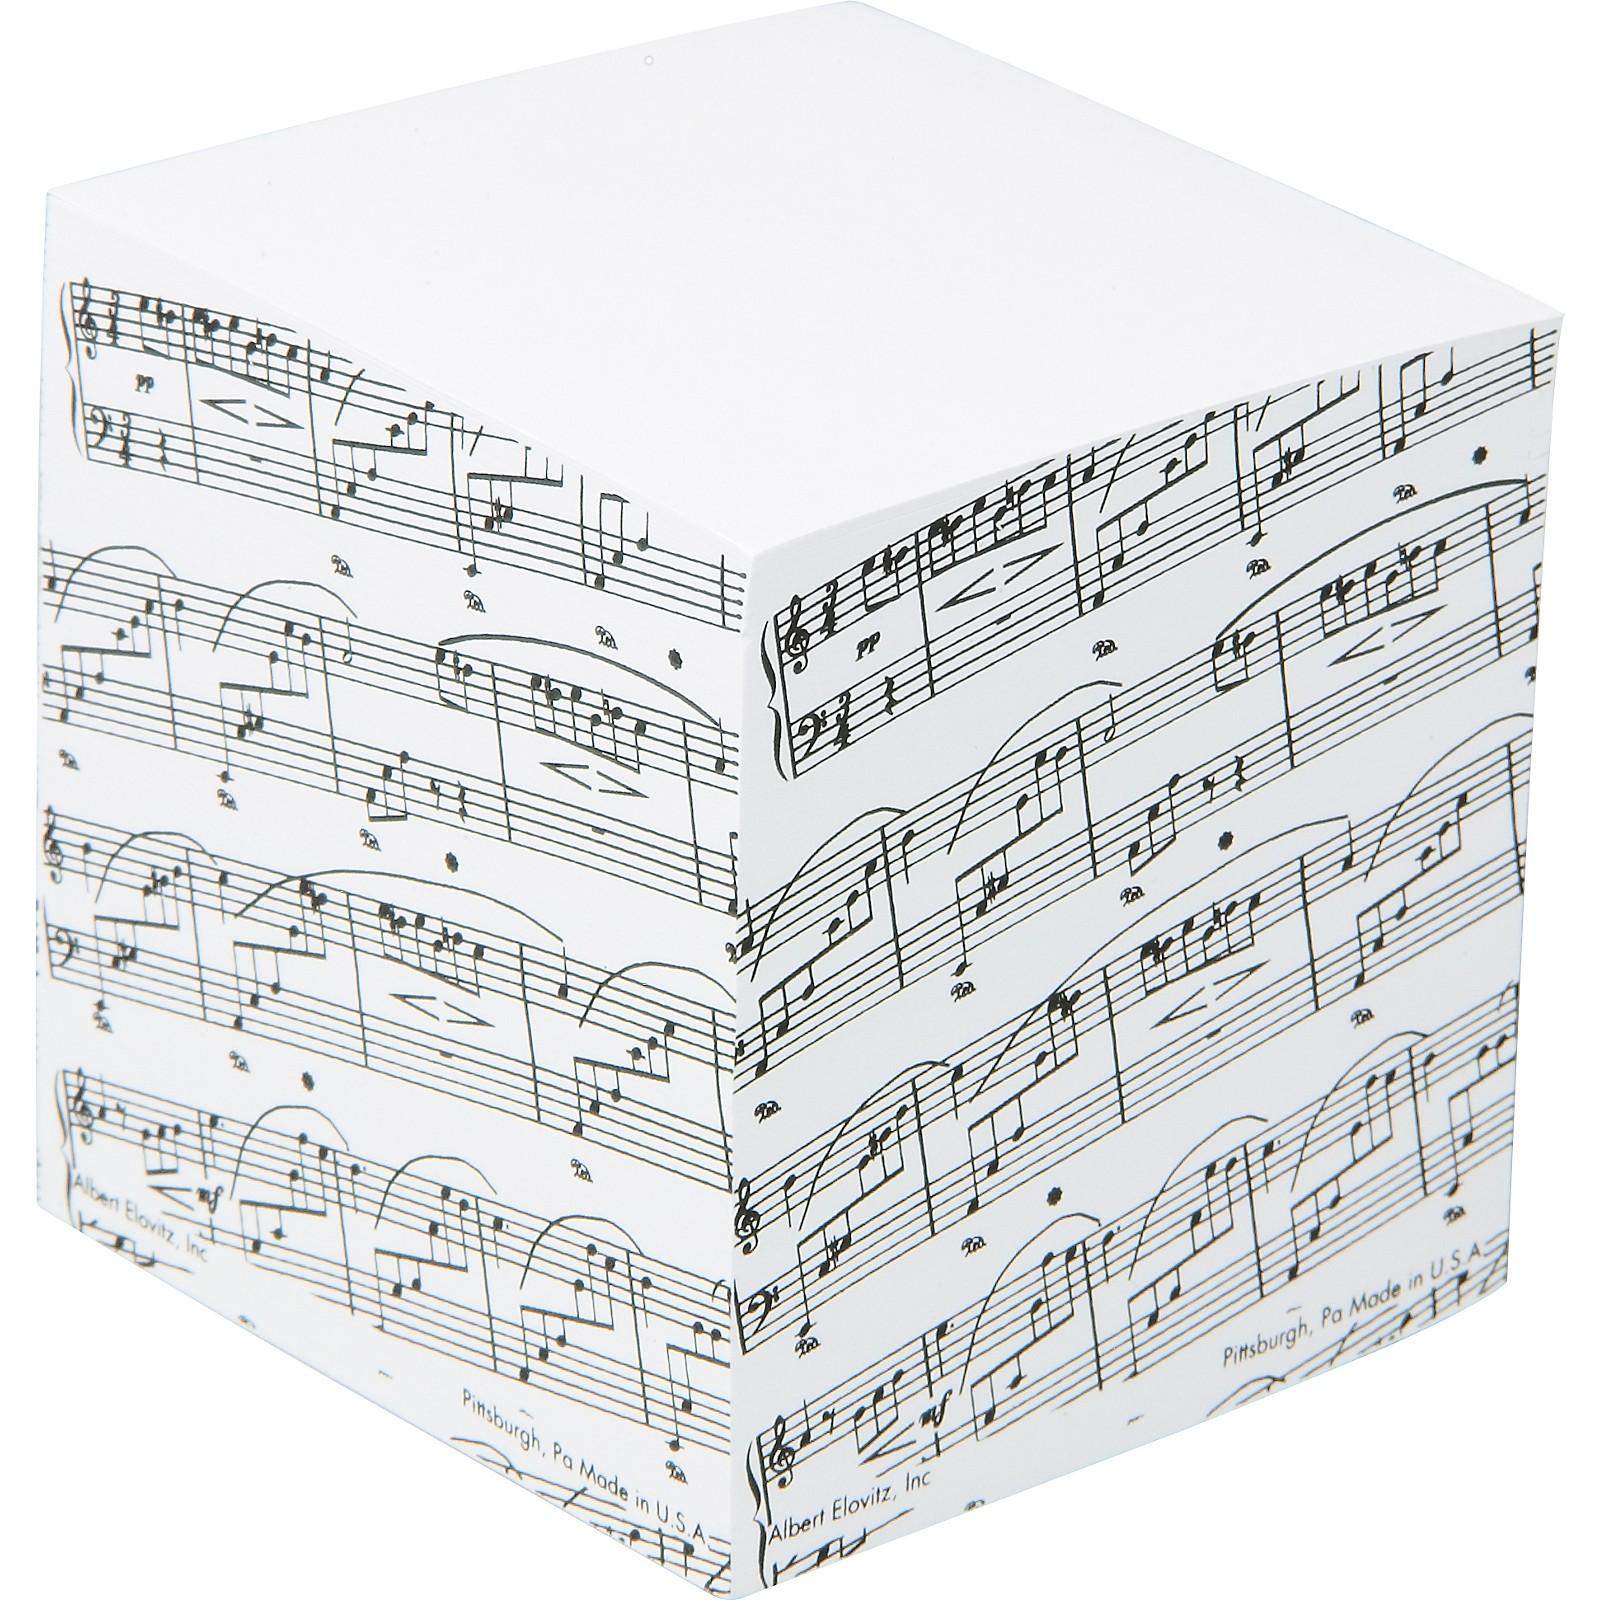 AIM Sheet Music Memo Cube